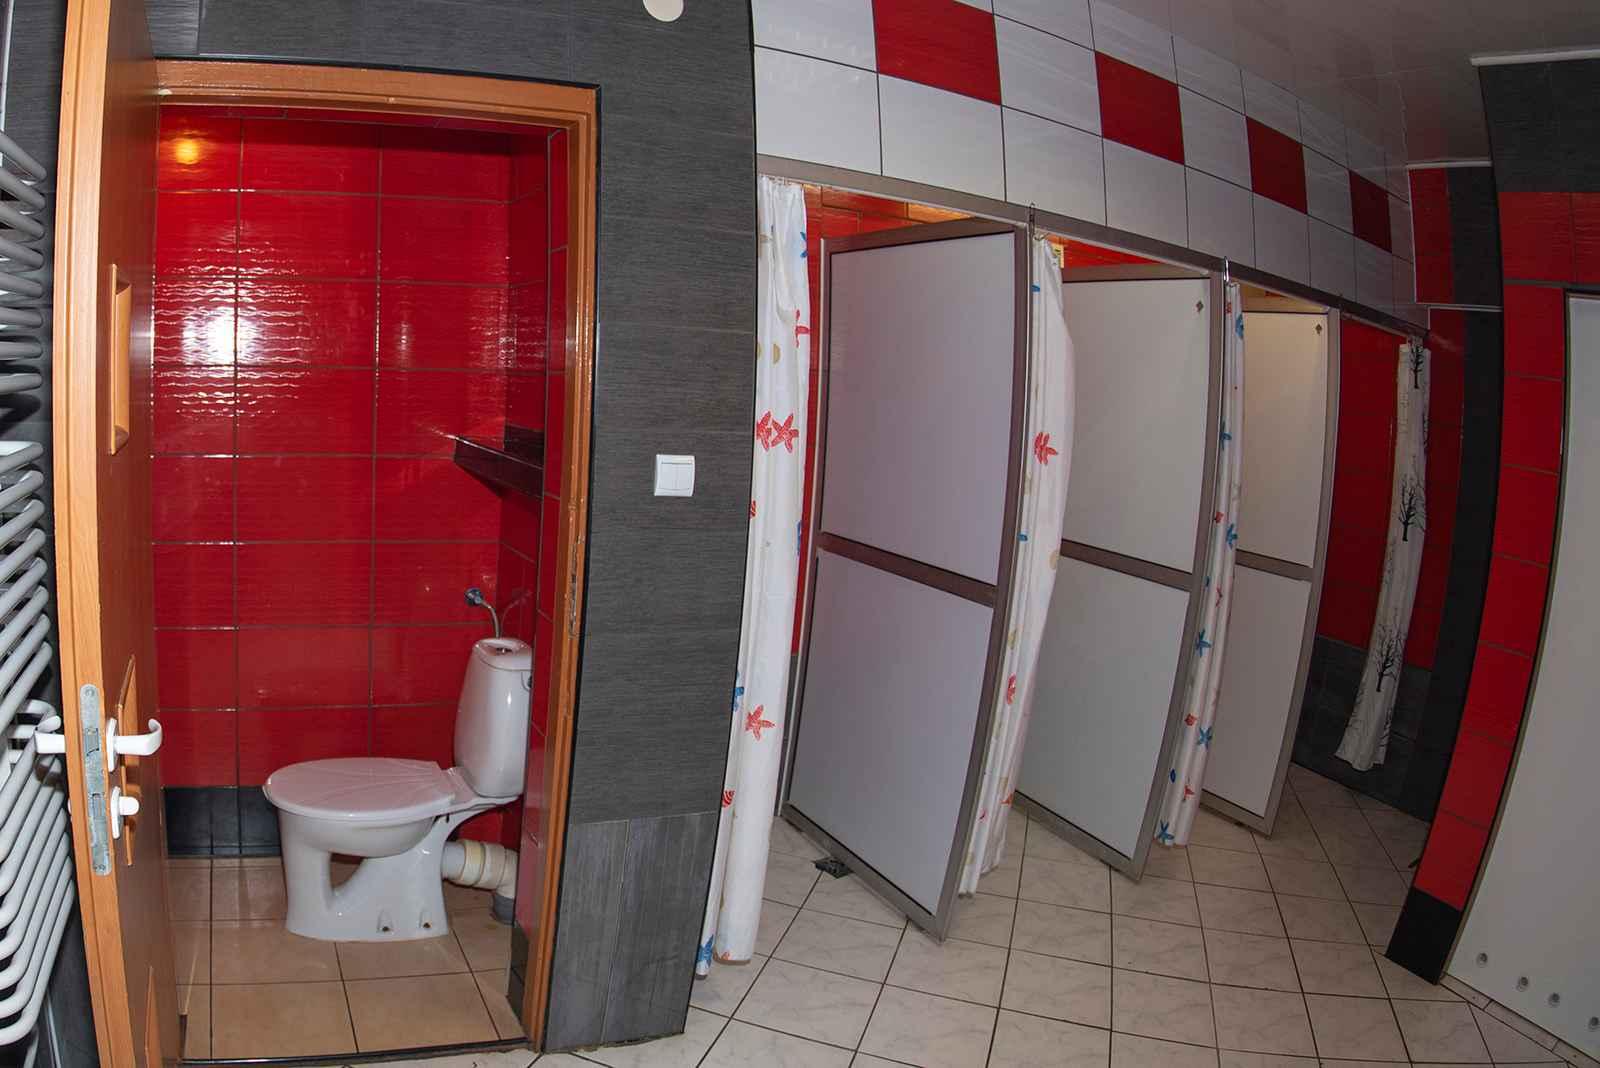 Noclegi Azyl Bielsko-Biała: pokoje dla obcokrajowców! Bielsko-Biała - zdjęcie 8